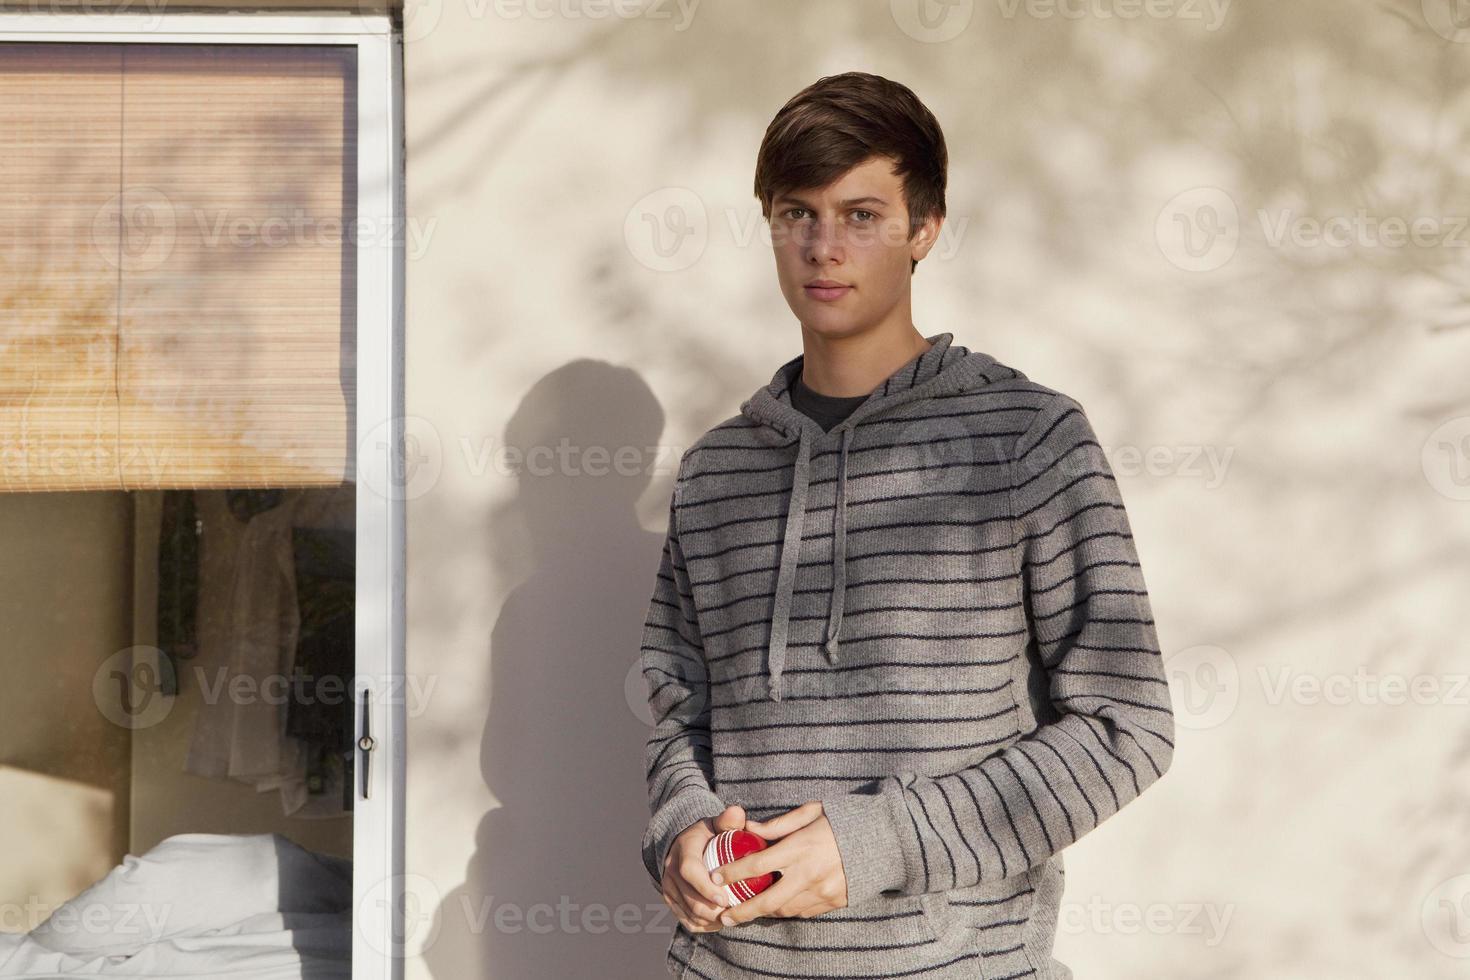 adolescente em pé ao ar livre foto